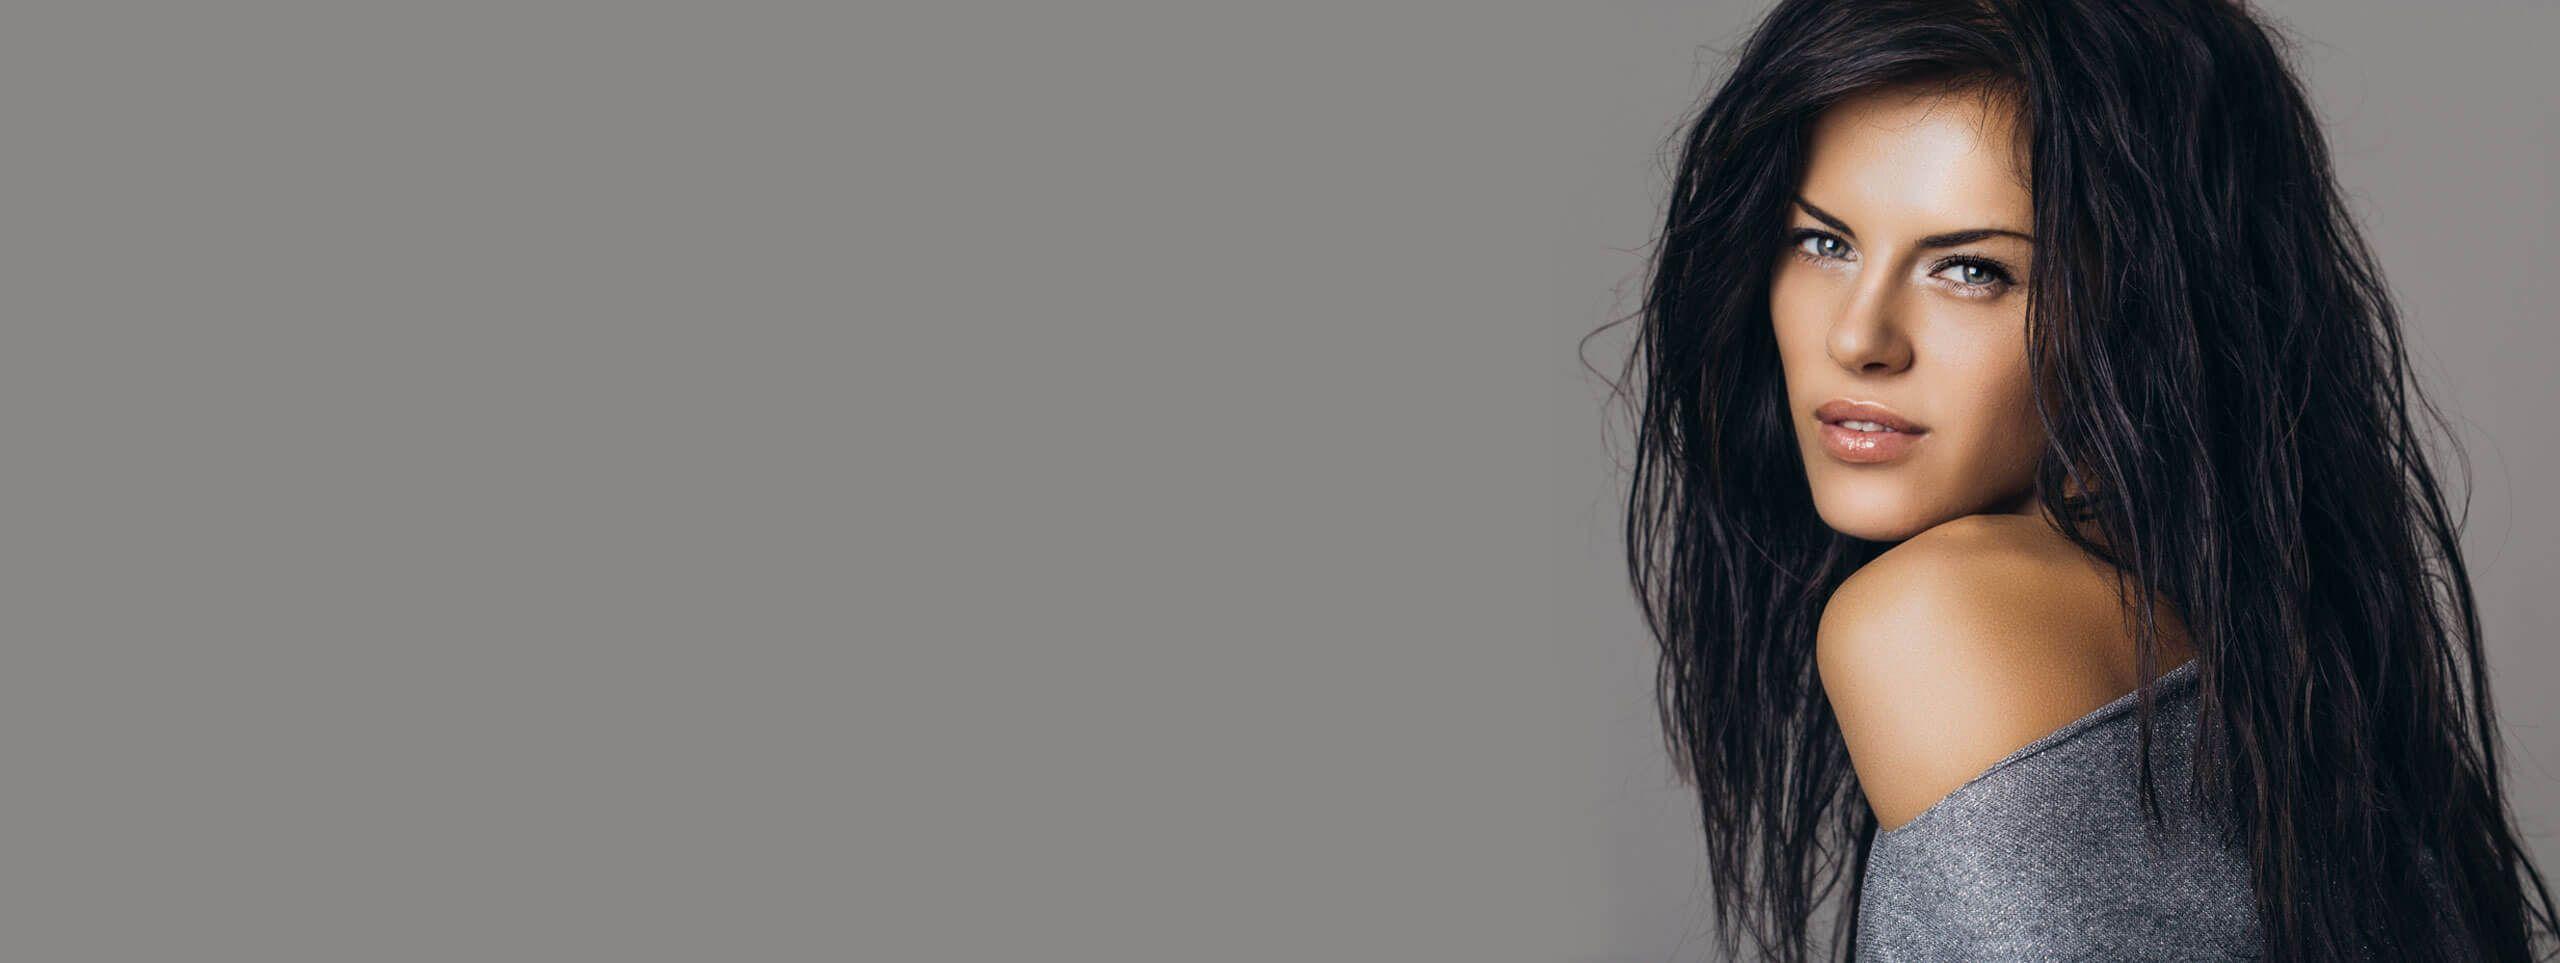 Femme cheveux longs noirs